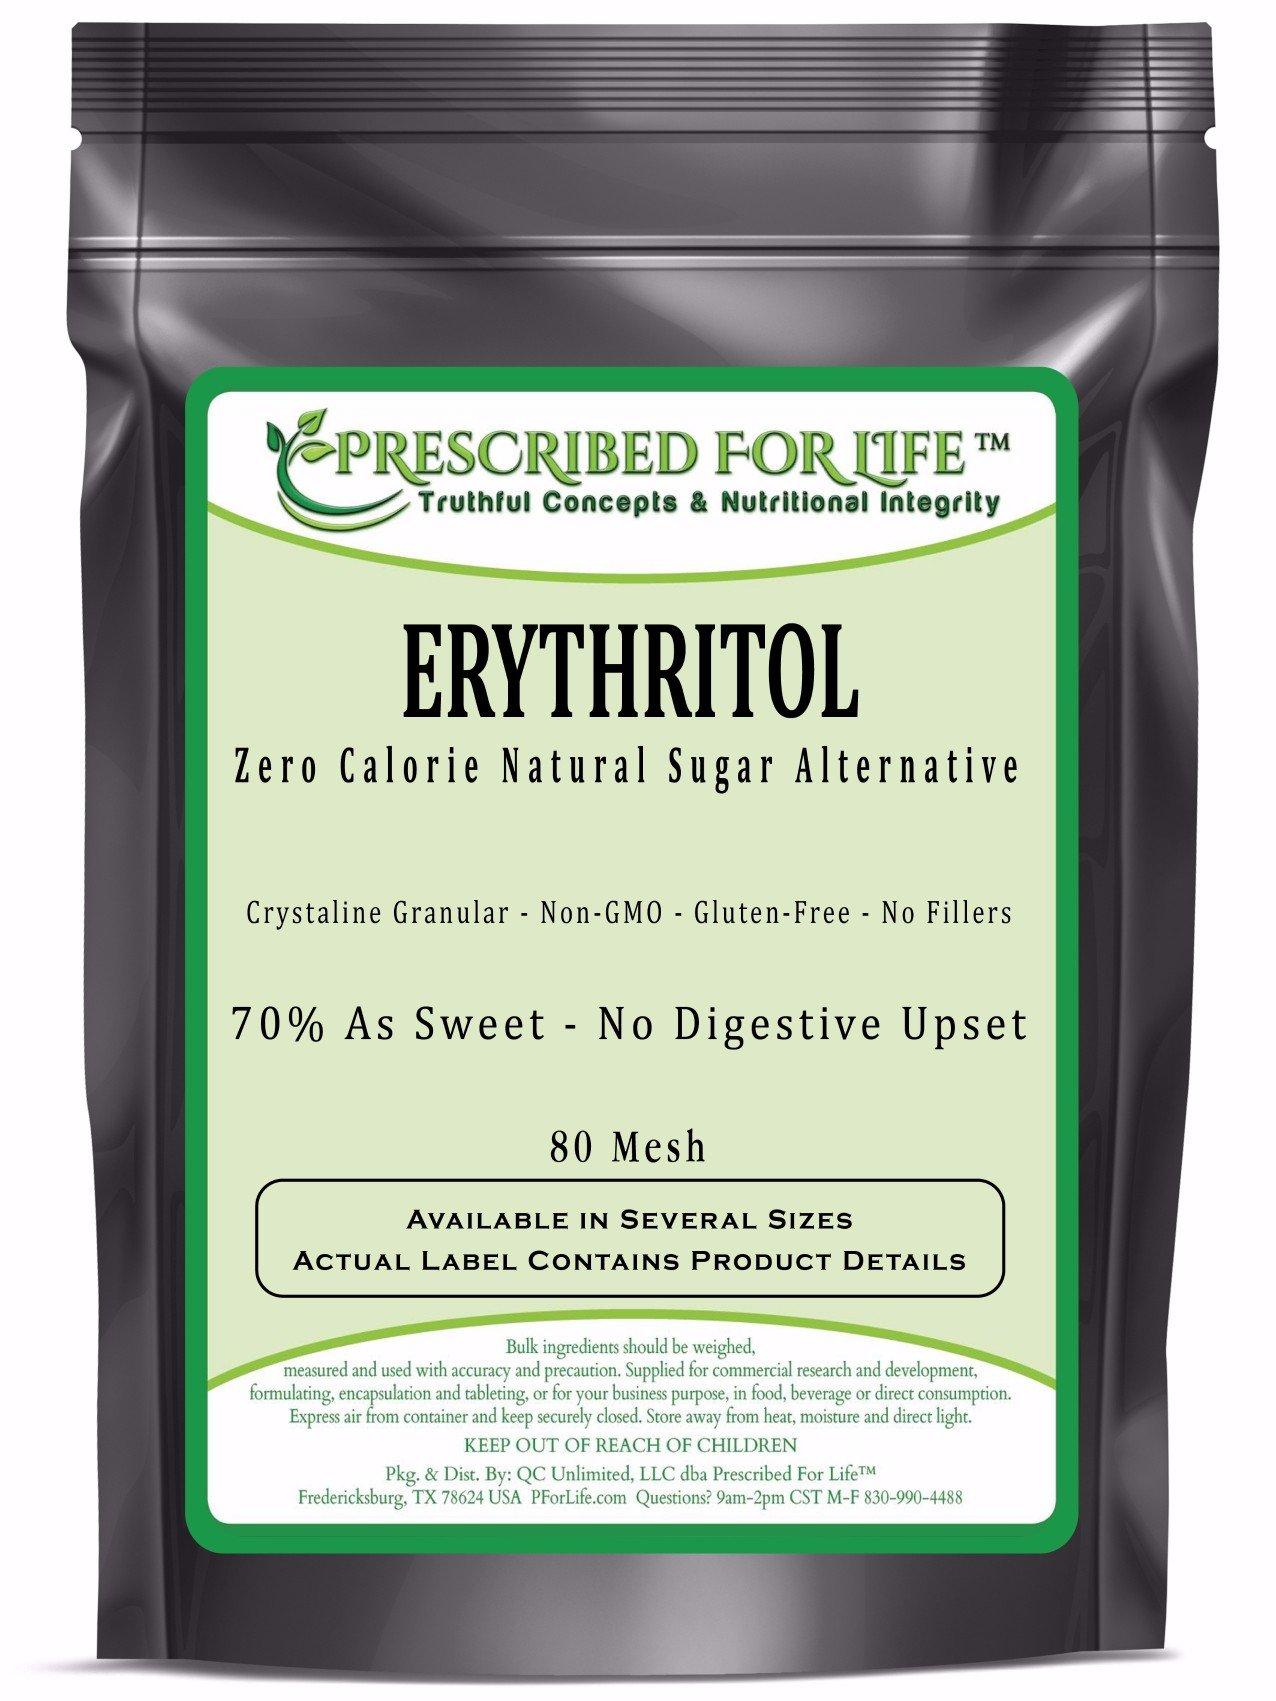 Erythritol - Non-GMO Zero Calorie Natural Granular Sugar Alternative - 70% Sweetness of Sugar, 12 oz